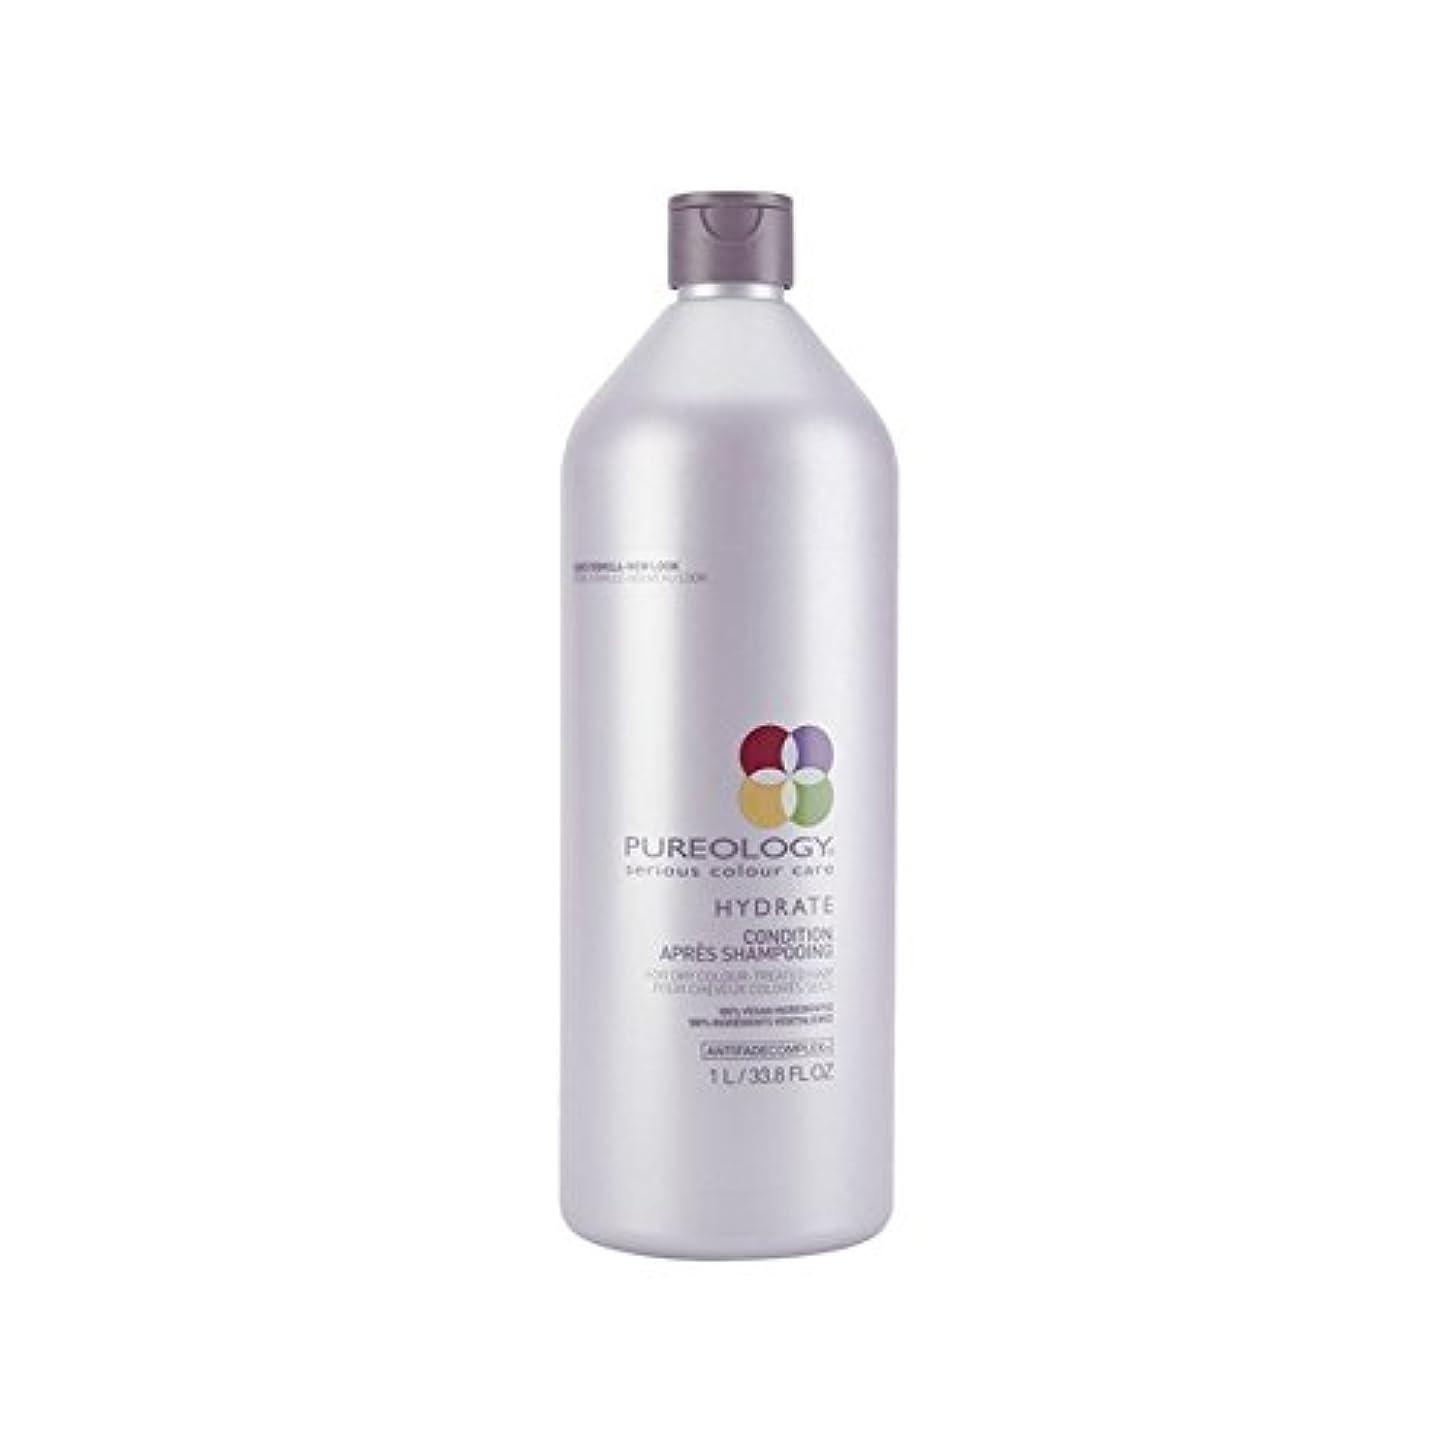 デッド主婦配管工純粋な水和物コンディショナー(千ミリリットル) x2 - Pureology Pure Hydrate Conditioner (1000ml) (Pack of 2) [並行輸入品]